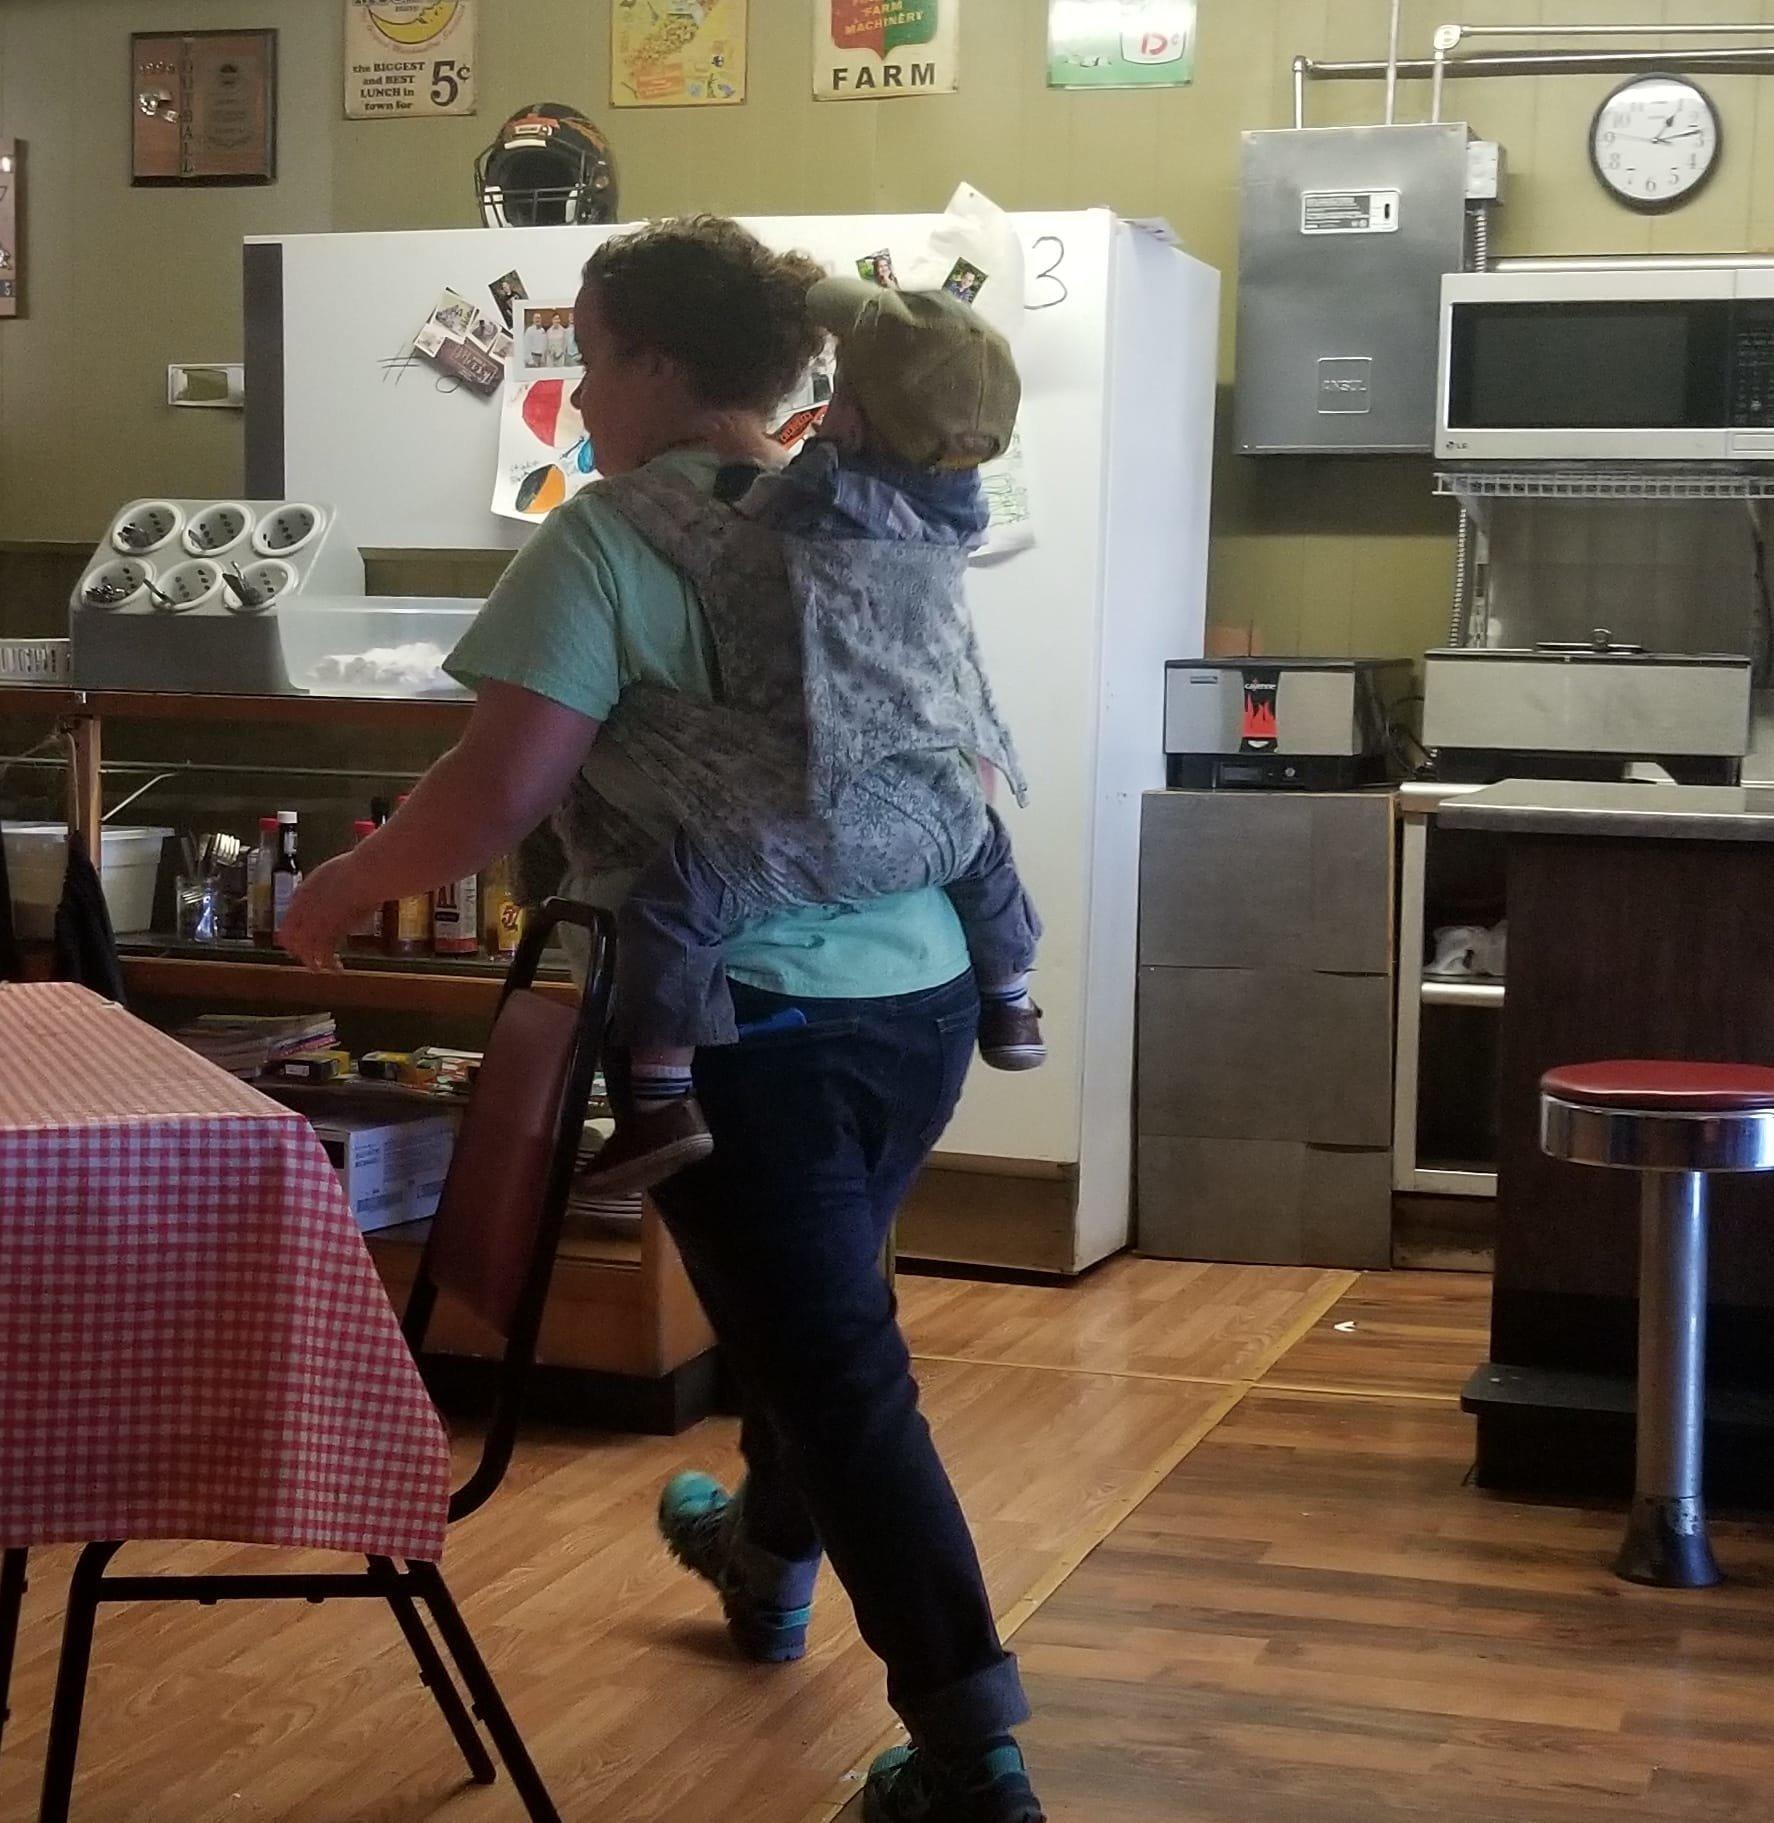 Restaurant: Frau sieht Mutter mit Kind auf dem Rücken und macht ein